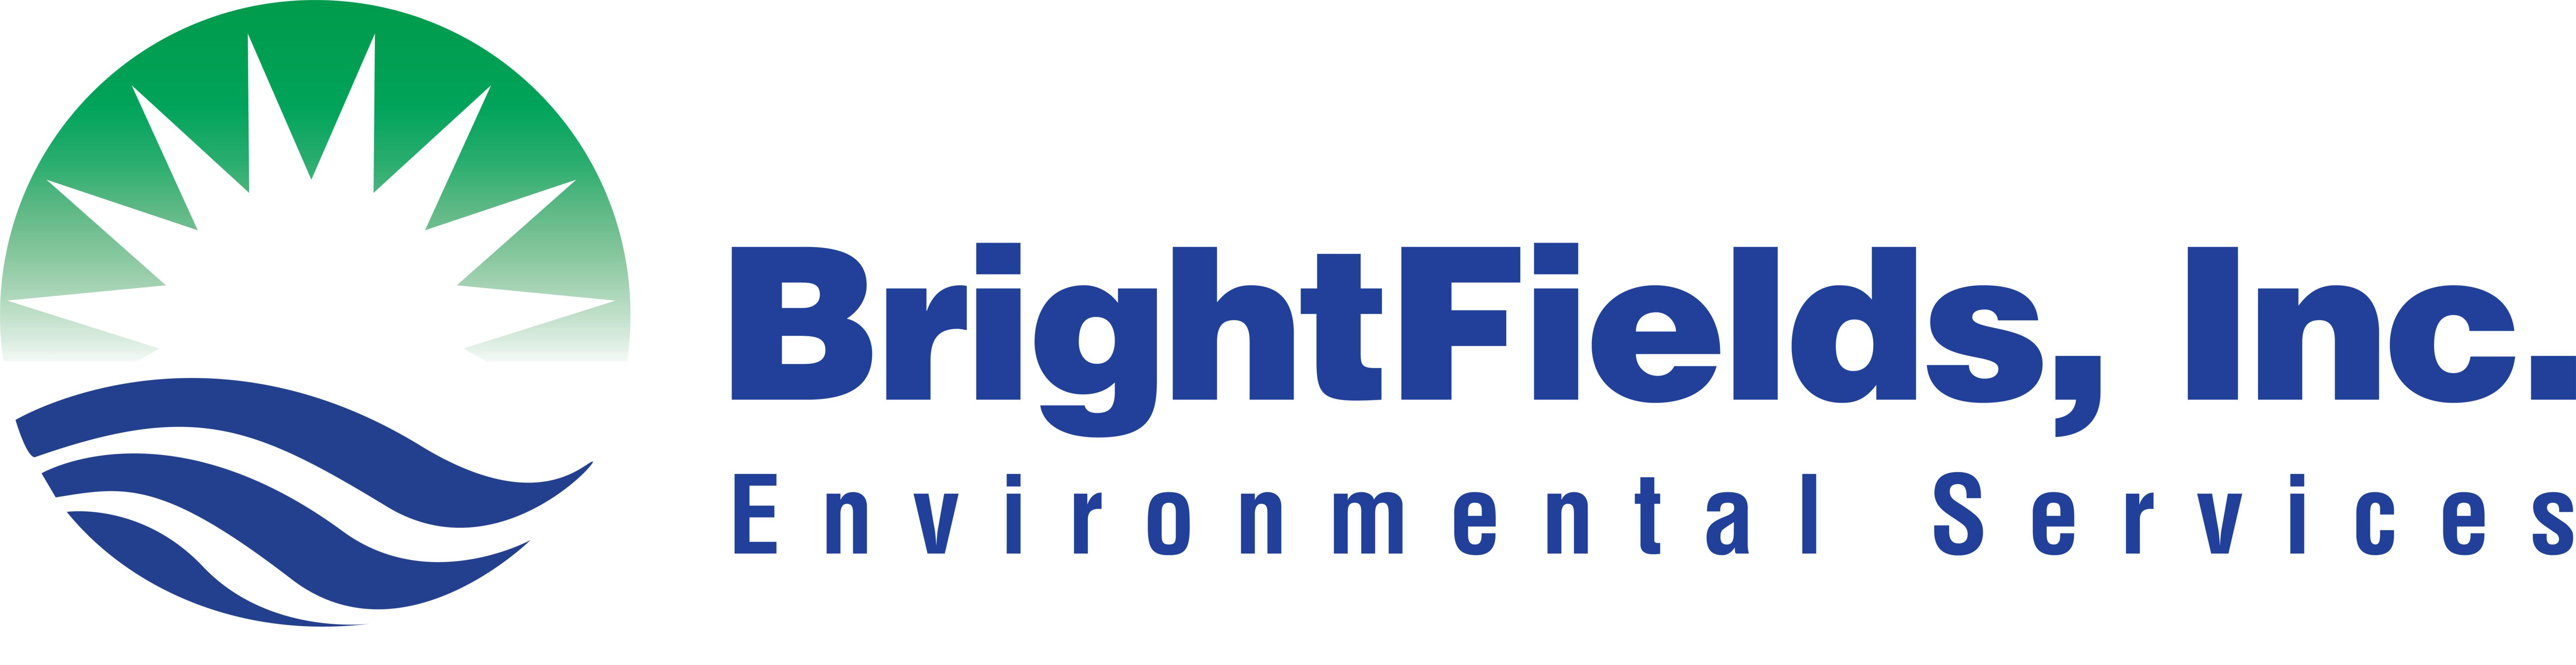 BrightFields, Inc. logo